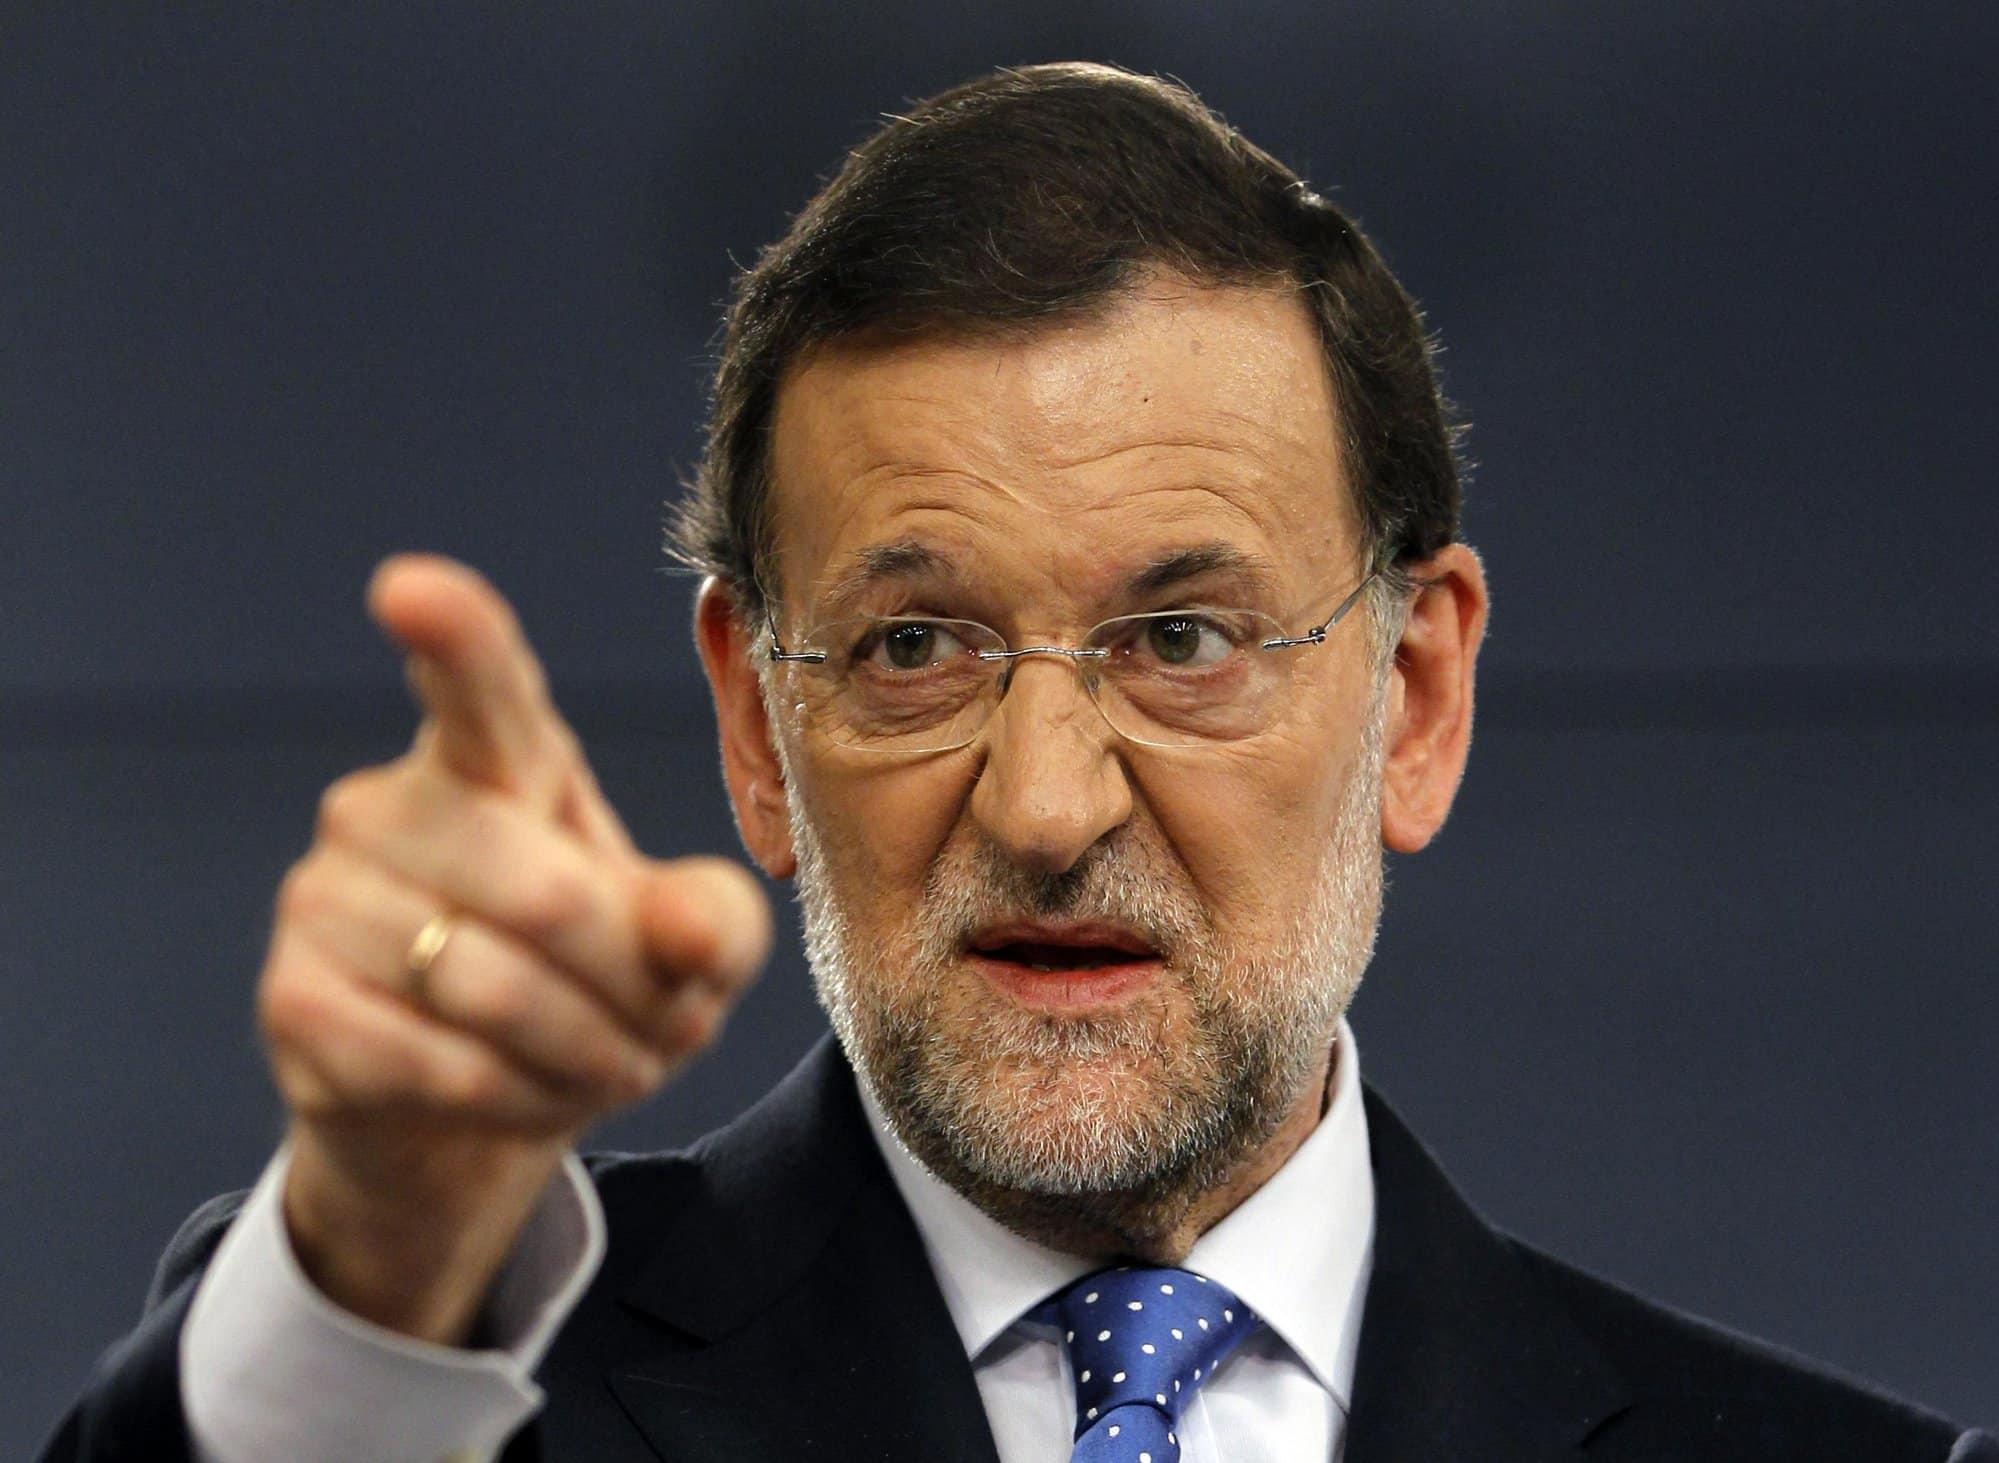 Congreso español rechaza reelección de Rajoy como presidente